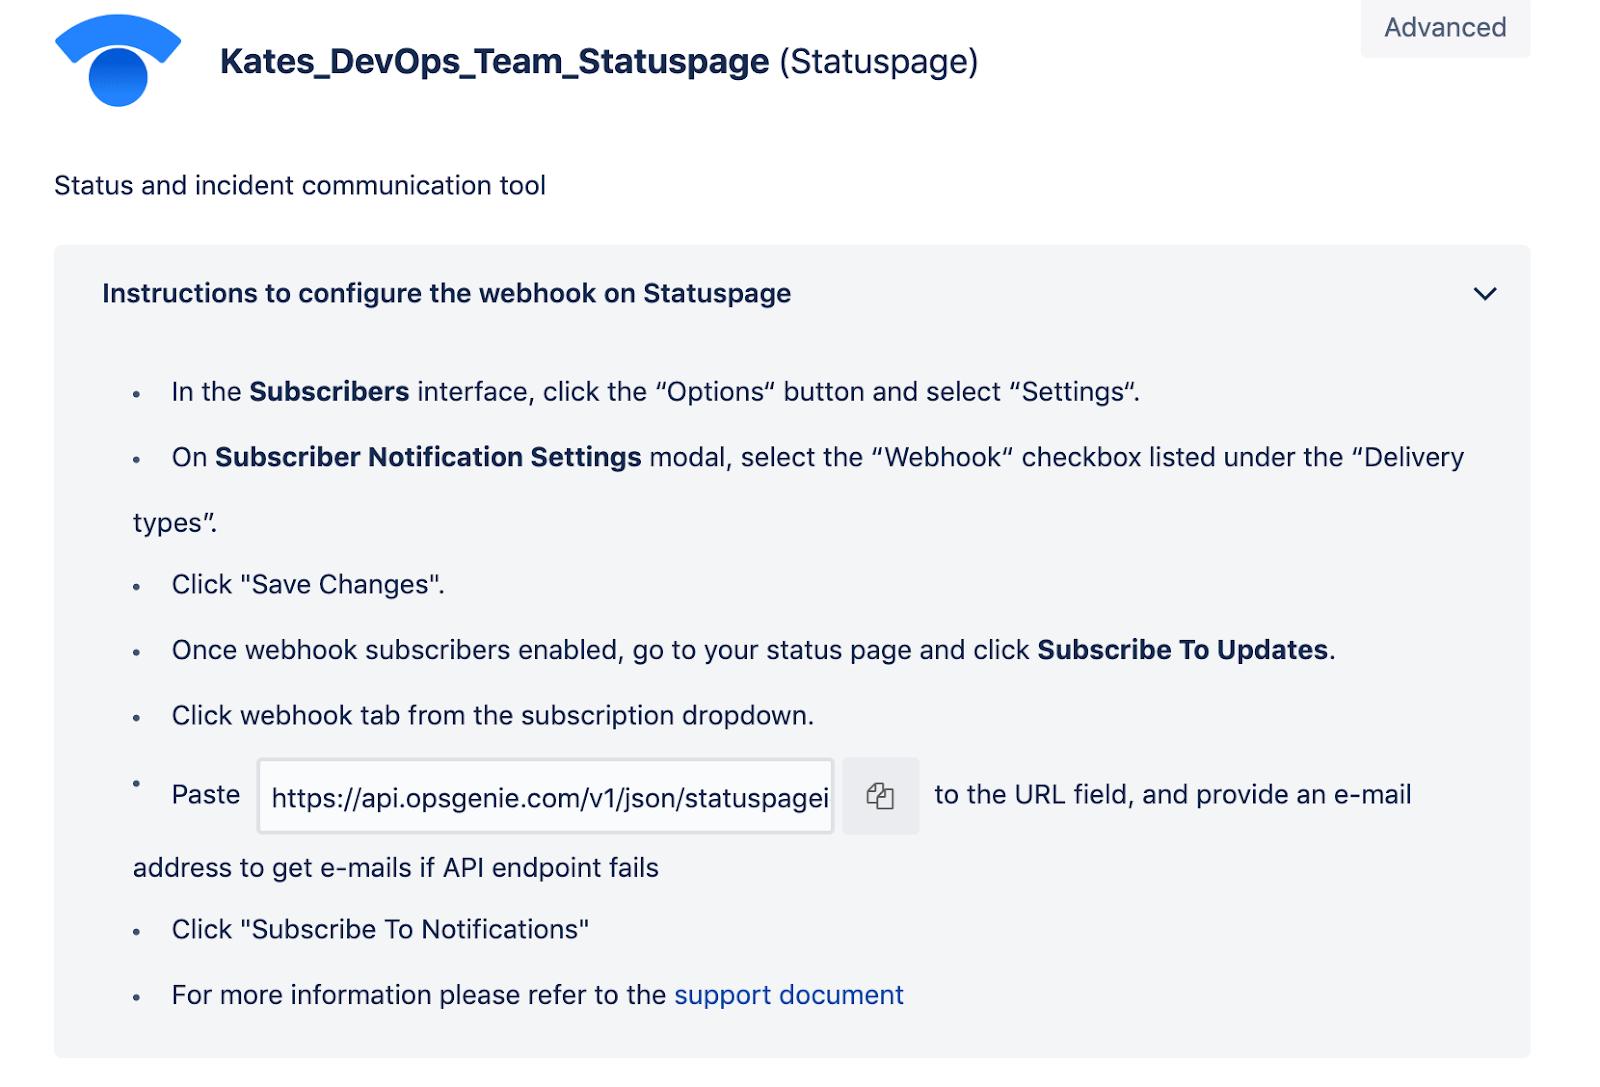 Instructions pour configurer des webhooks sur Statuspage